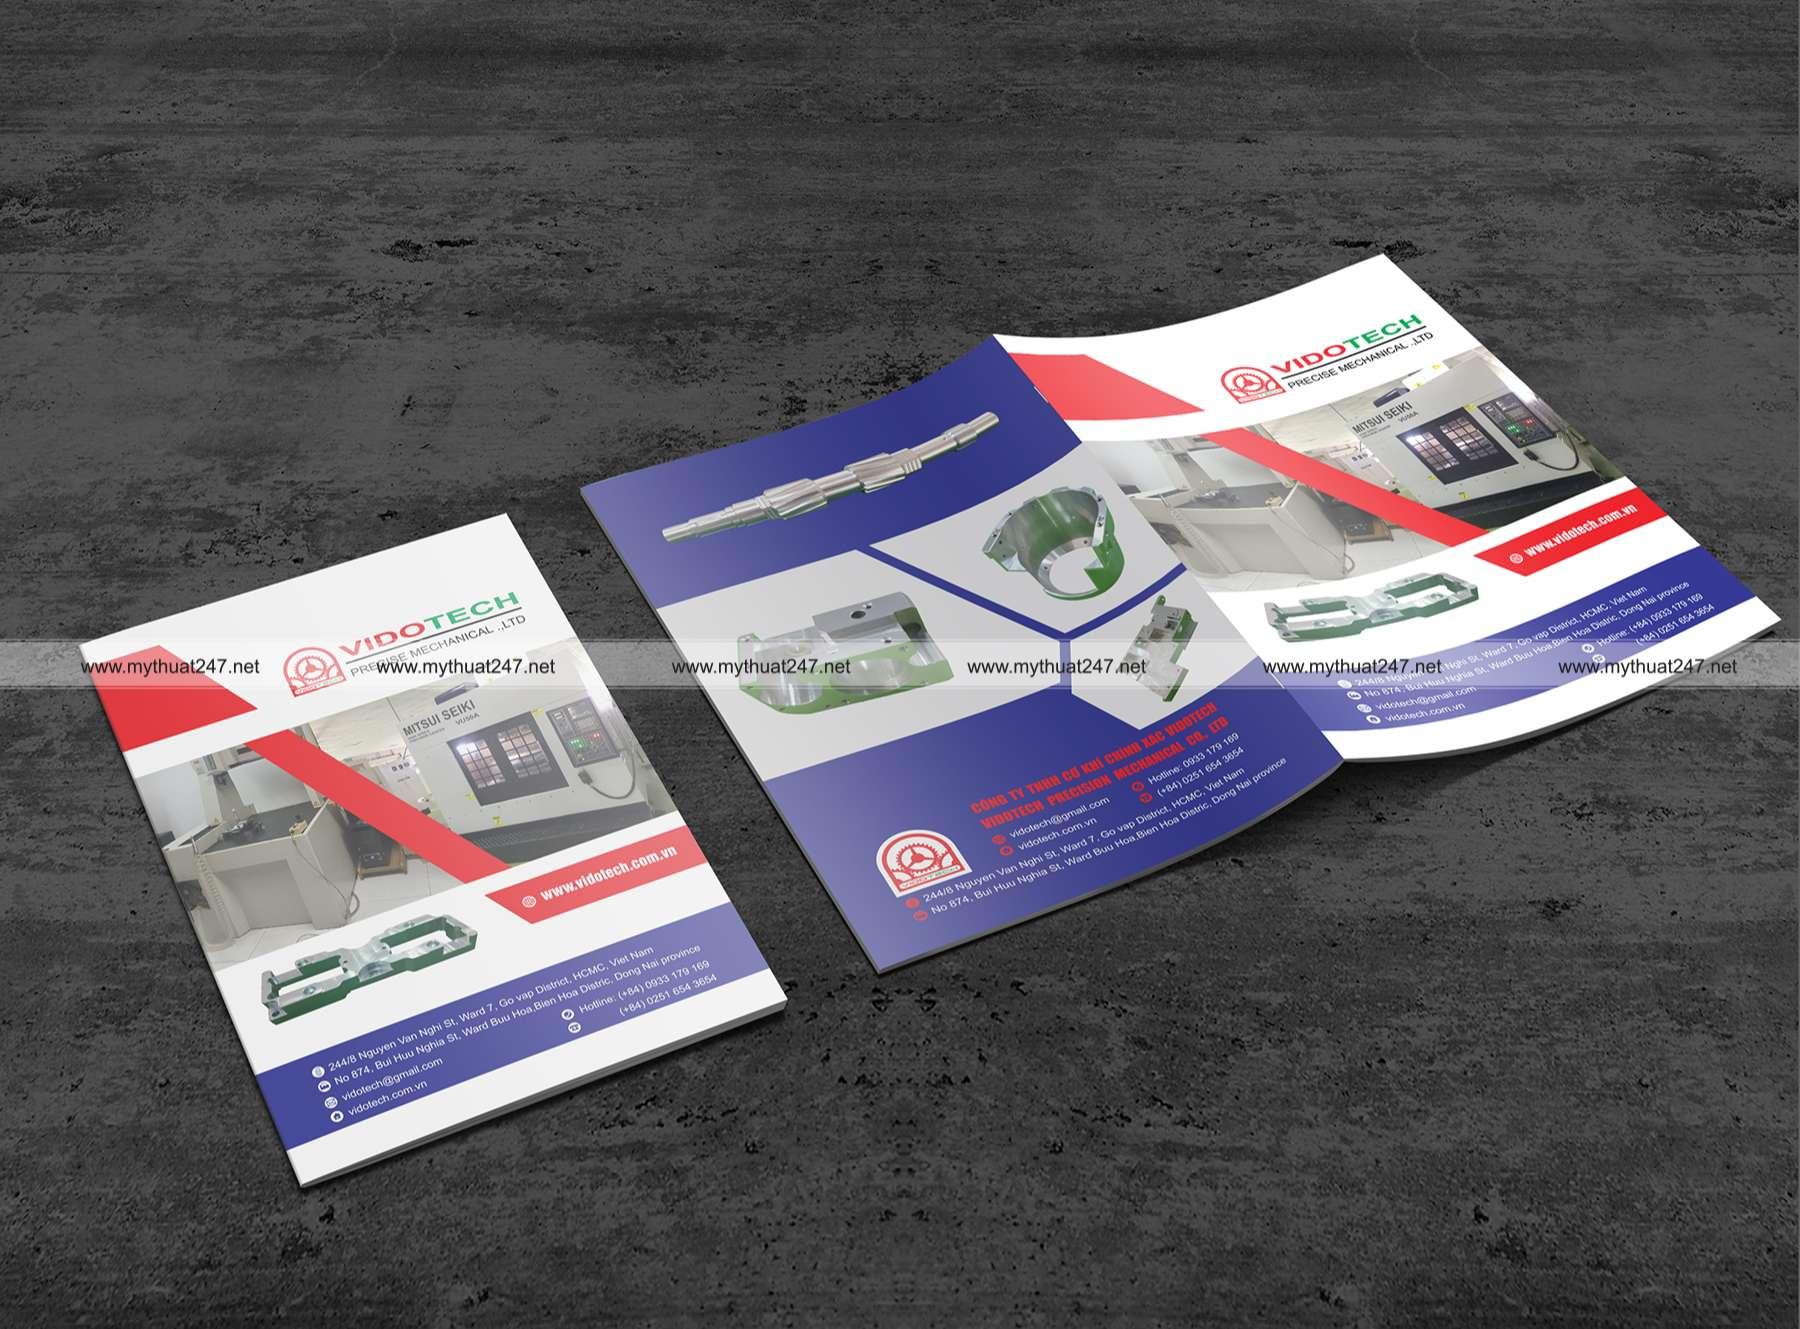 Thiết kế cataloge Công ty tnhh cơ khí chính xác vidotech